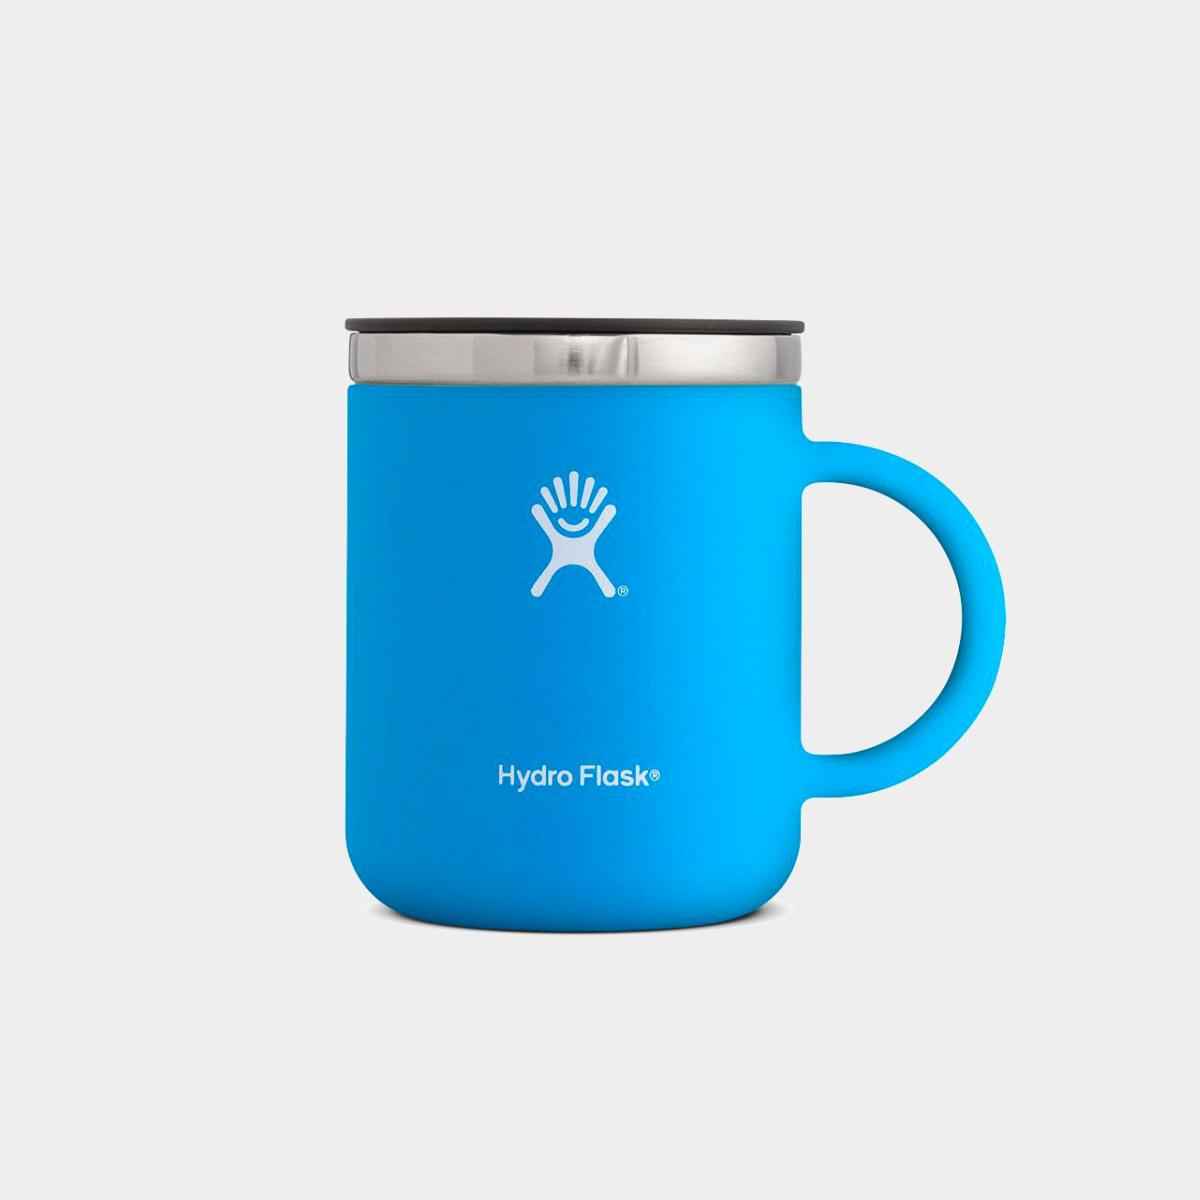 12 oz (355 ml) Coffee Mug